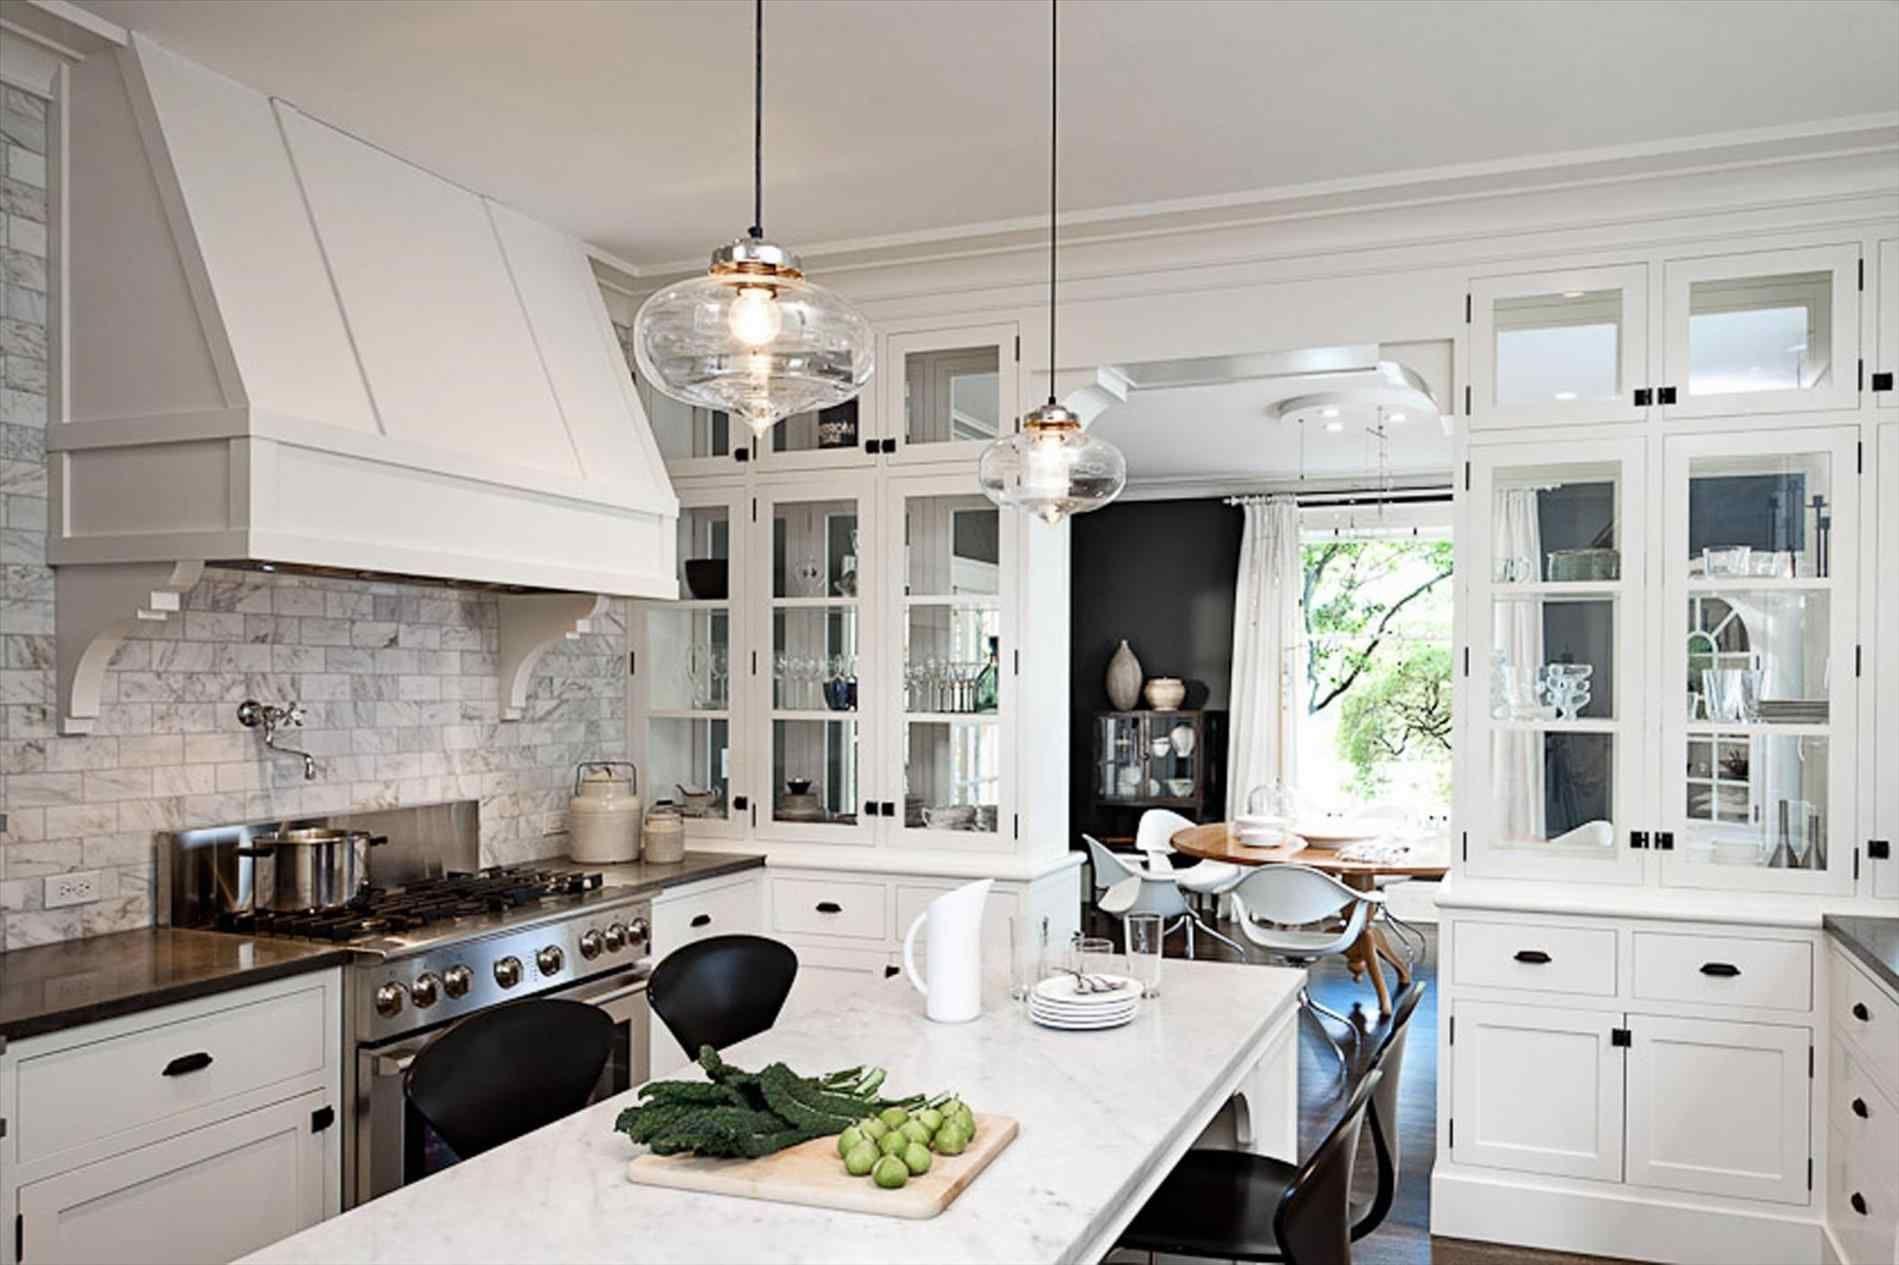 Berühmt Kücheninsel Leuchten Ideen - Ideen Für Die Küche Dekoration ...